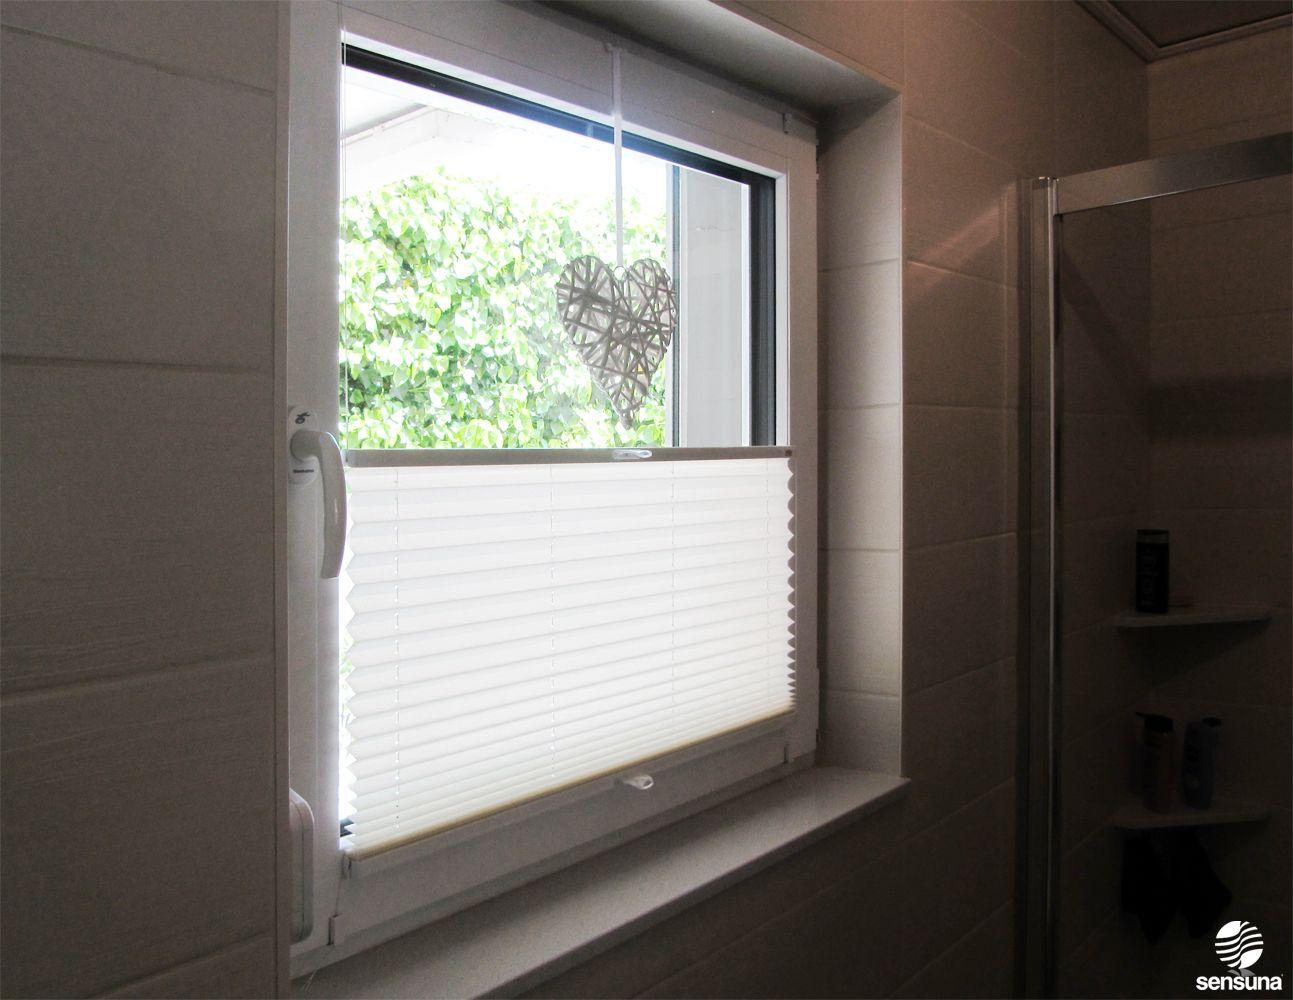 Sichtschutz am Badezimmer Fenster  dank neuem sensuna Plissee aus dem Raumtextilienshop  ein